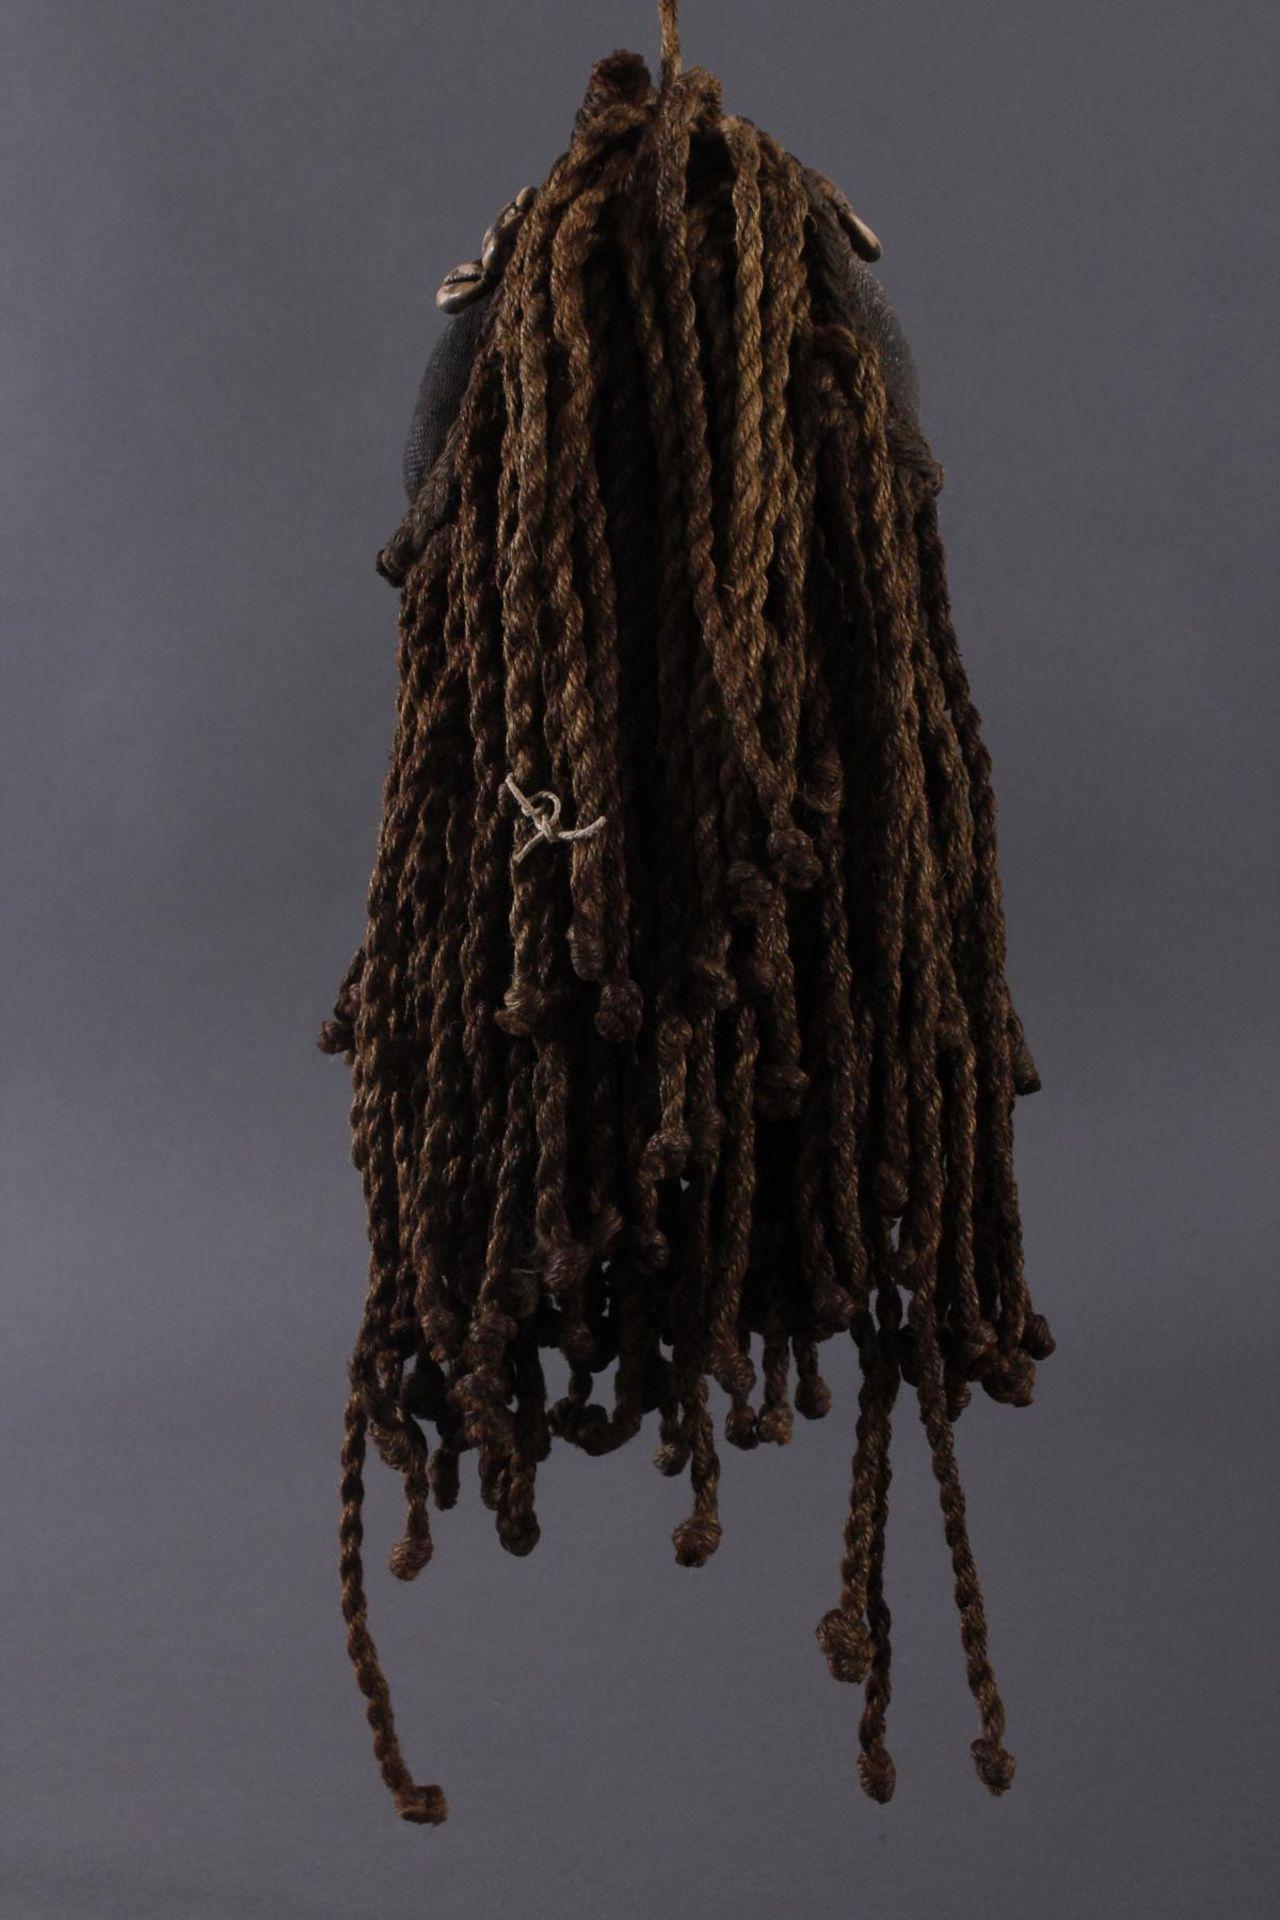 Antike Maske, Dan, Liberia 1. Hälfte 20. Jh.Holz geschnitzt, bemalt, geflochtene Frisur und Bart mit - Bild 2 aus 4